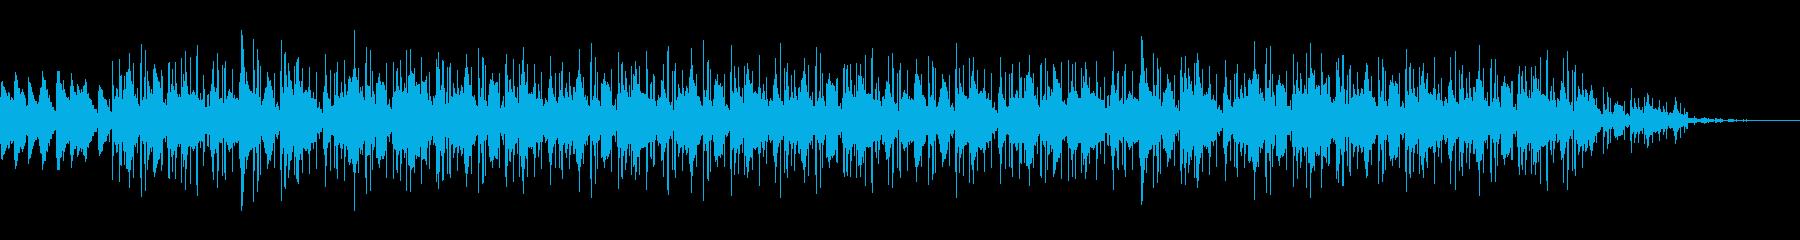 ジャジーな洋楽ヒップホップ女性ボーカルの再生済みの波形